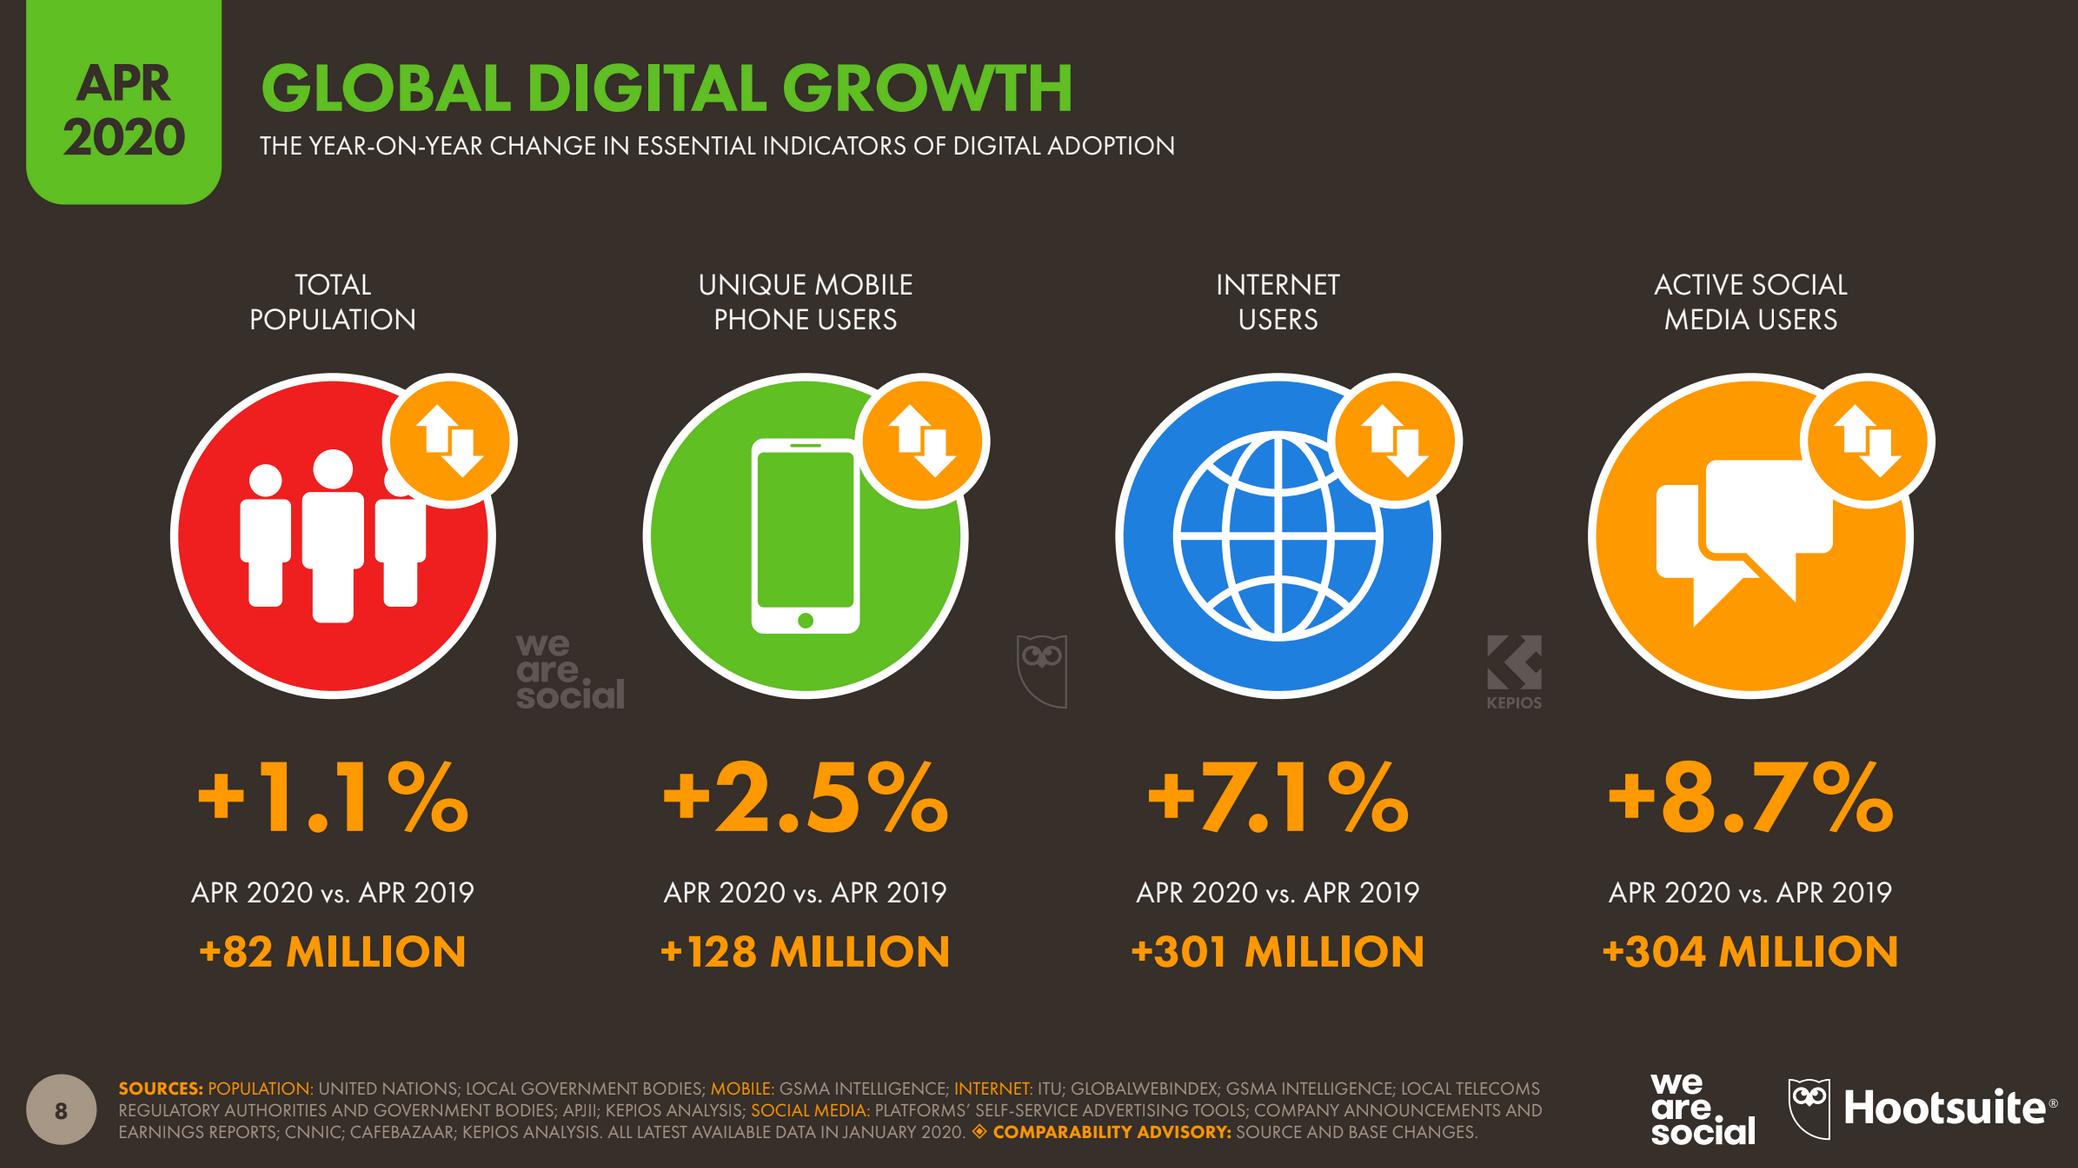 Quelles nouvelles habitudes digitales depuis la crise ?